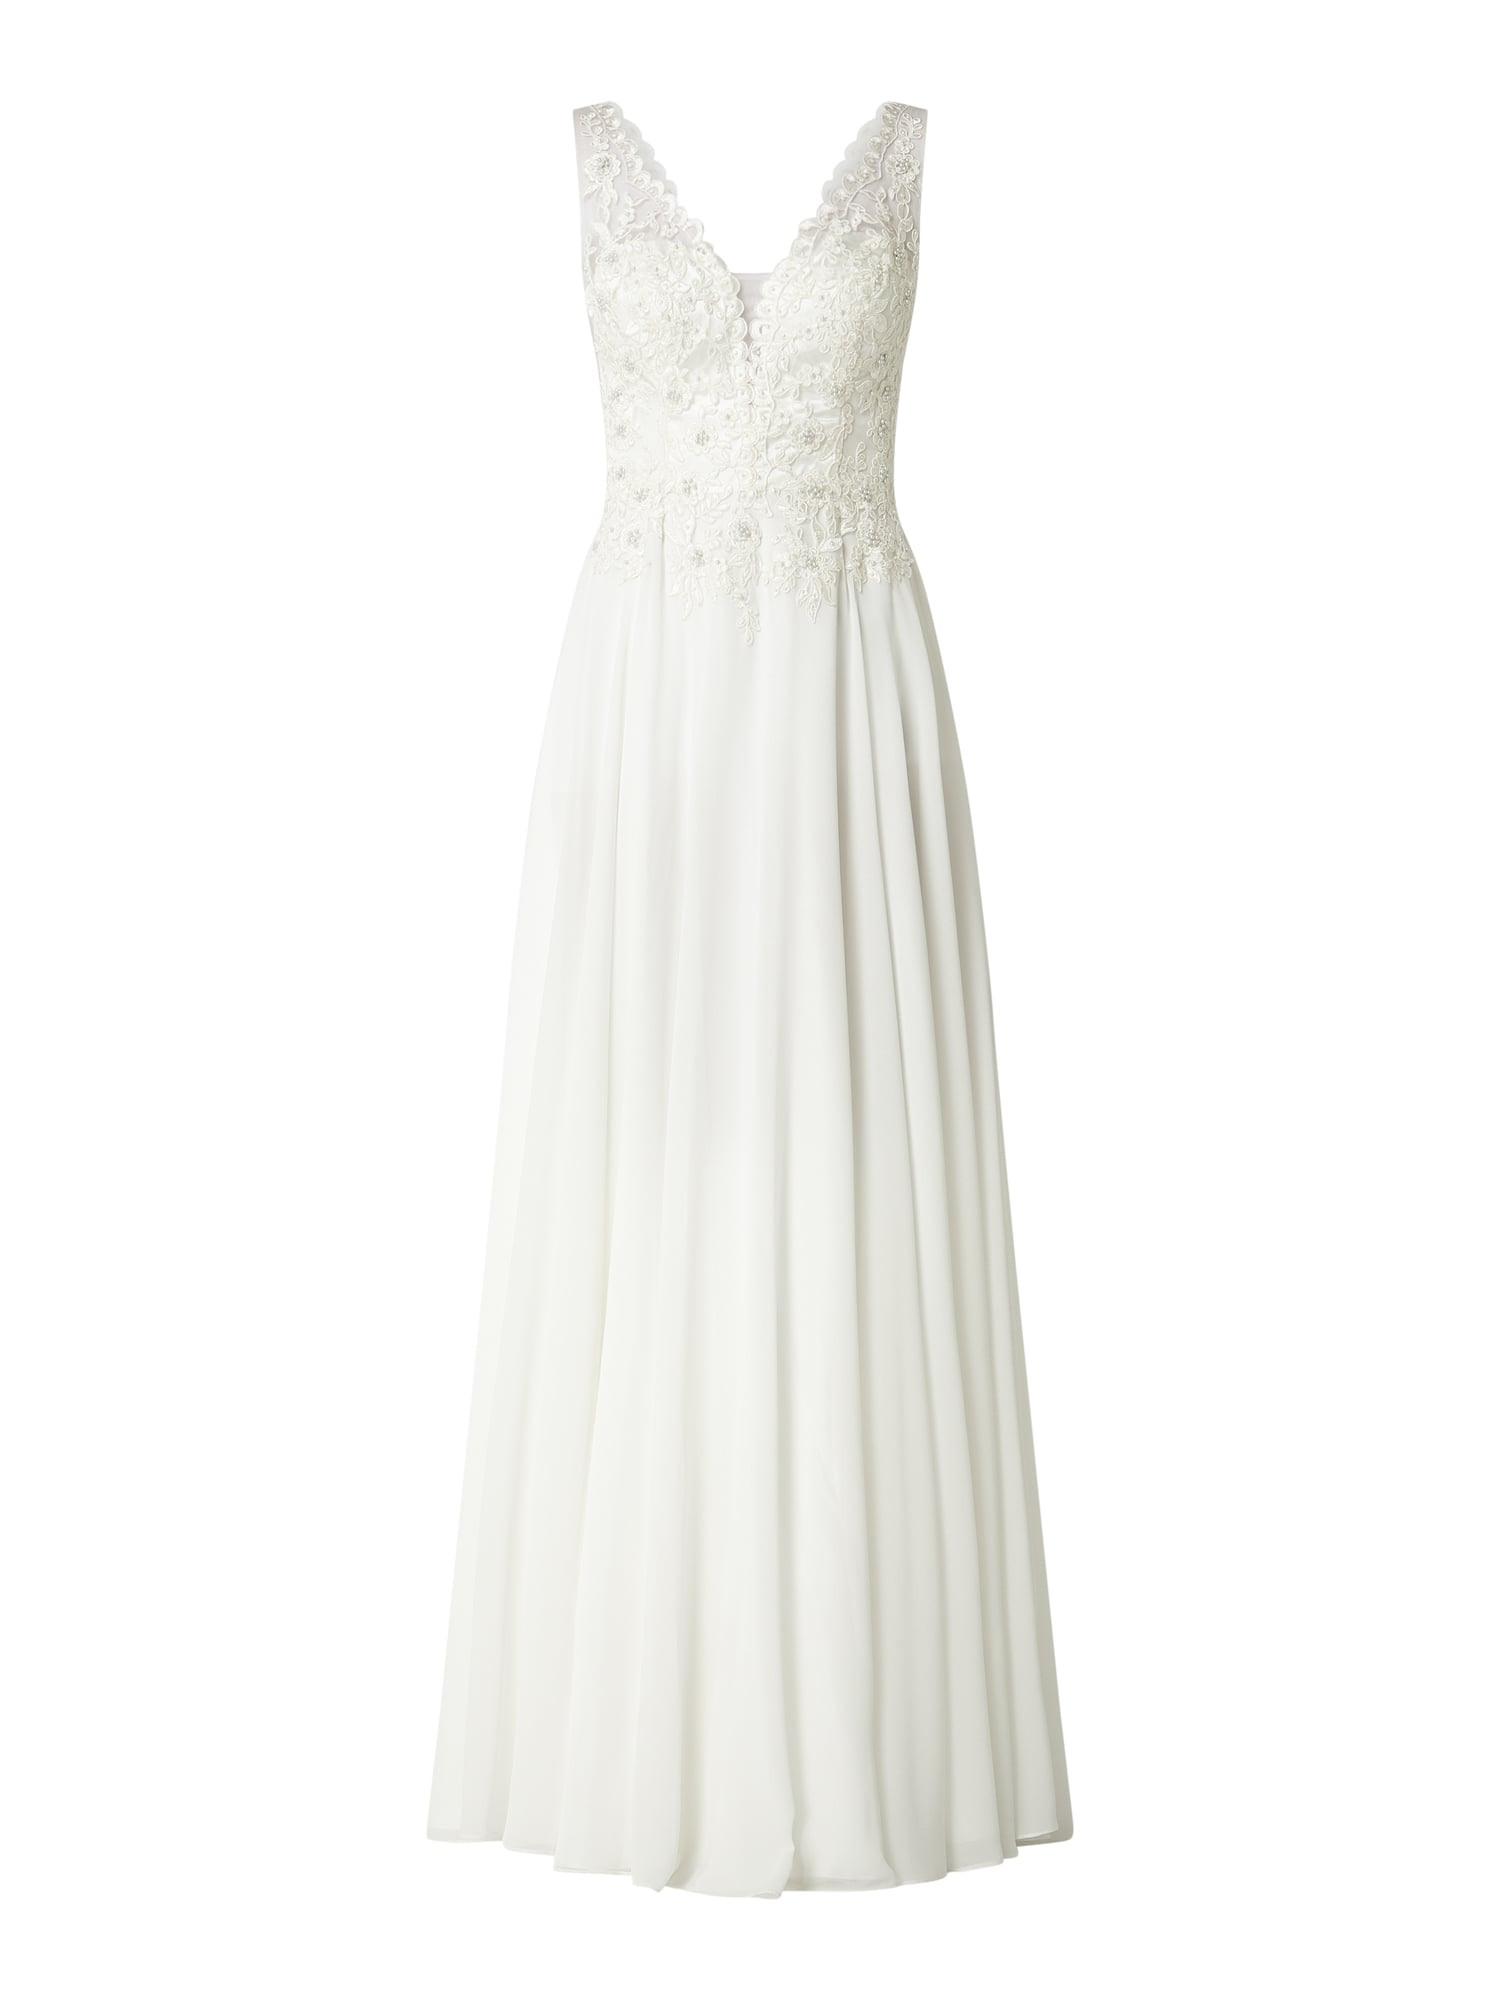 Niente Brautkleid Mit Zierperlen In Weiß Online Kaufen (1007355) ▷ P&c  Online Shop